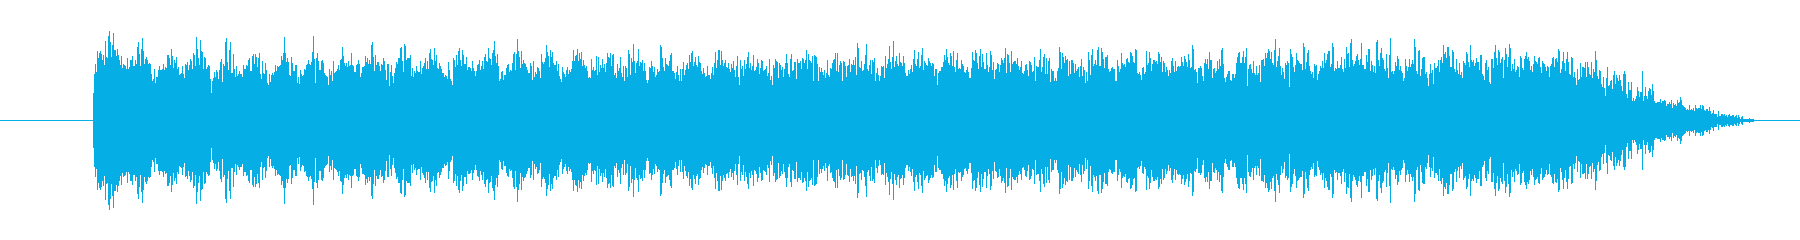 機械 タイルカッター合成01の再生済みの波形